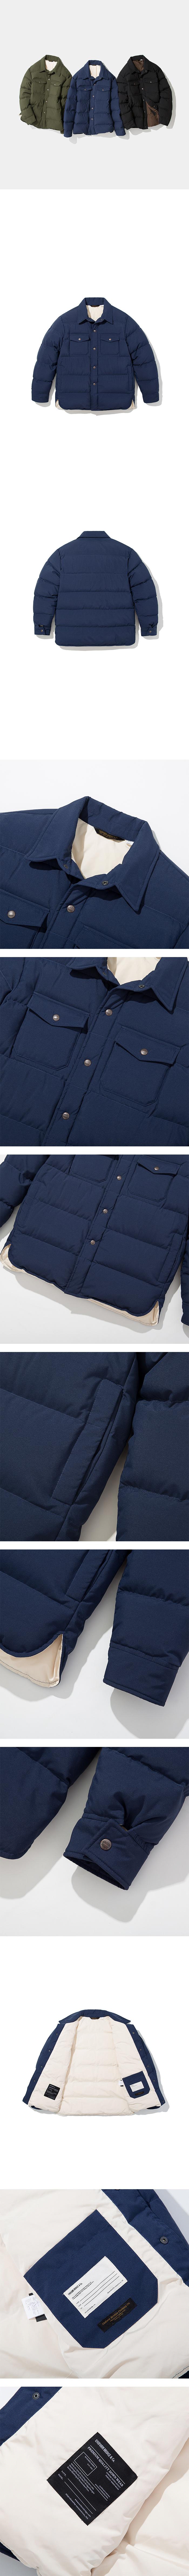 유니폼브릿지(UNIFORM BRIDGE) 18fw down shirts jacket navy